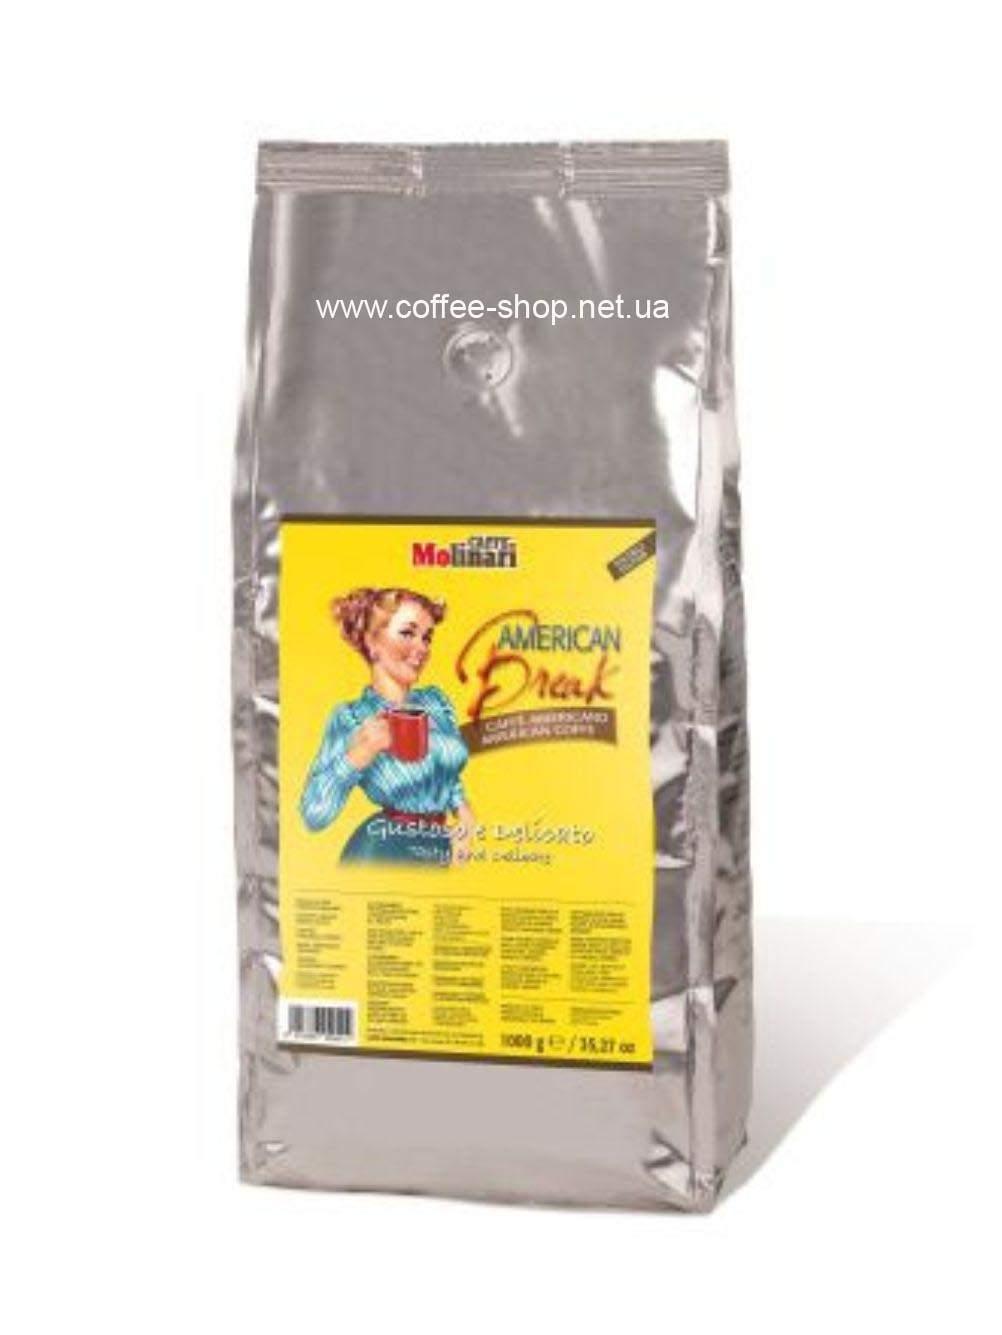 Кофе Molinari FILTER COFFEE